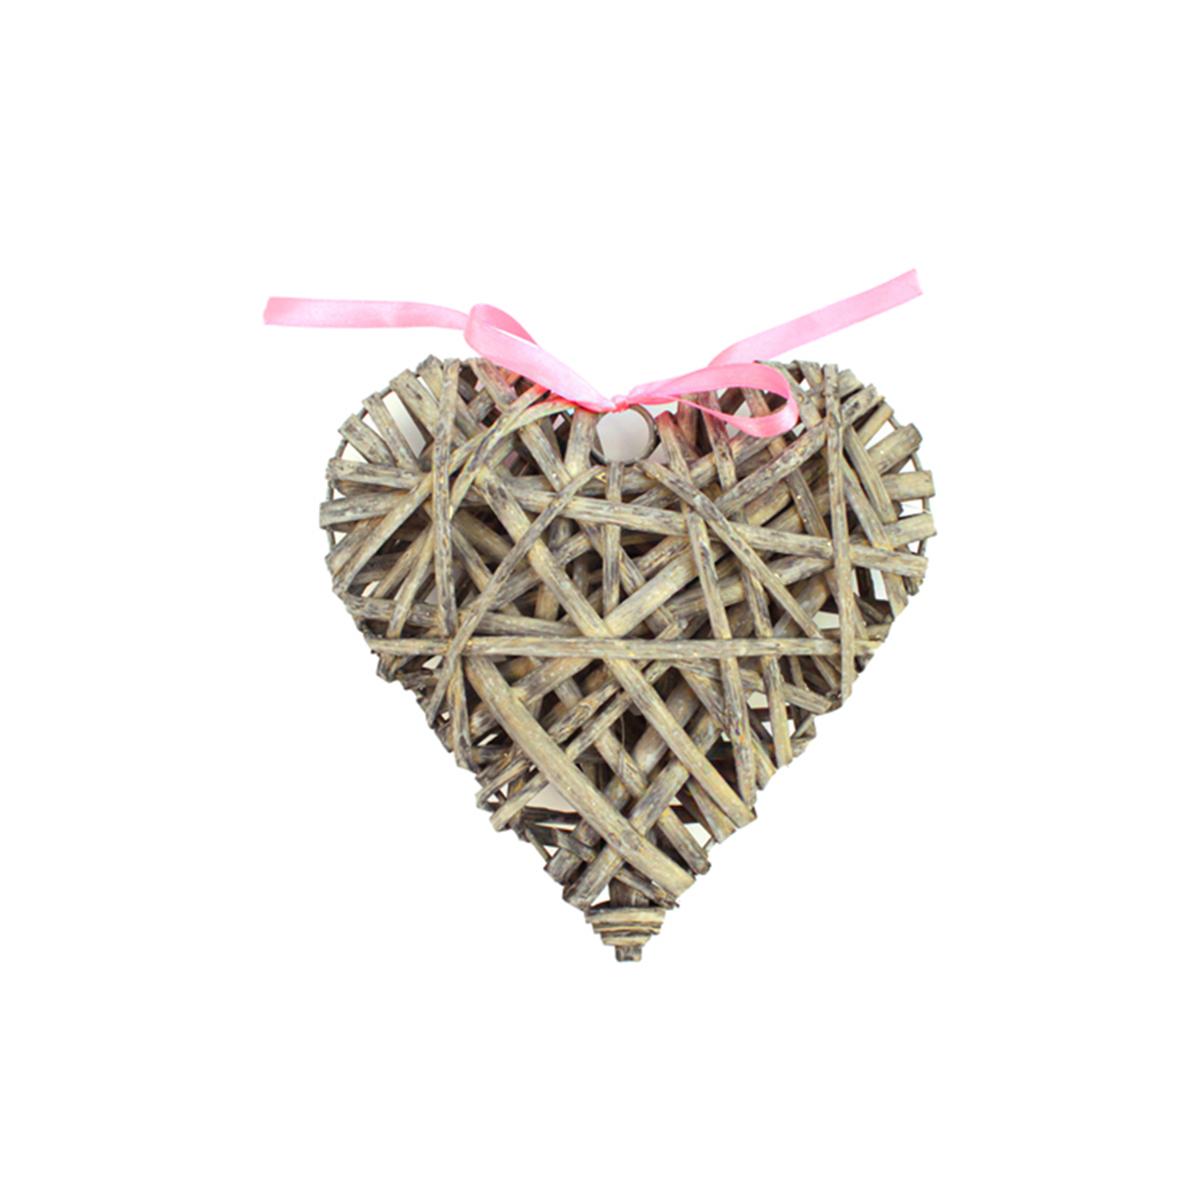 Декоративный элемент Glorex Сердце, цвет: серый, 20 см декоративный элемент dongjiang art сердце цвет фуксия 10 шт